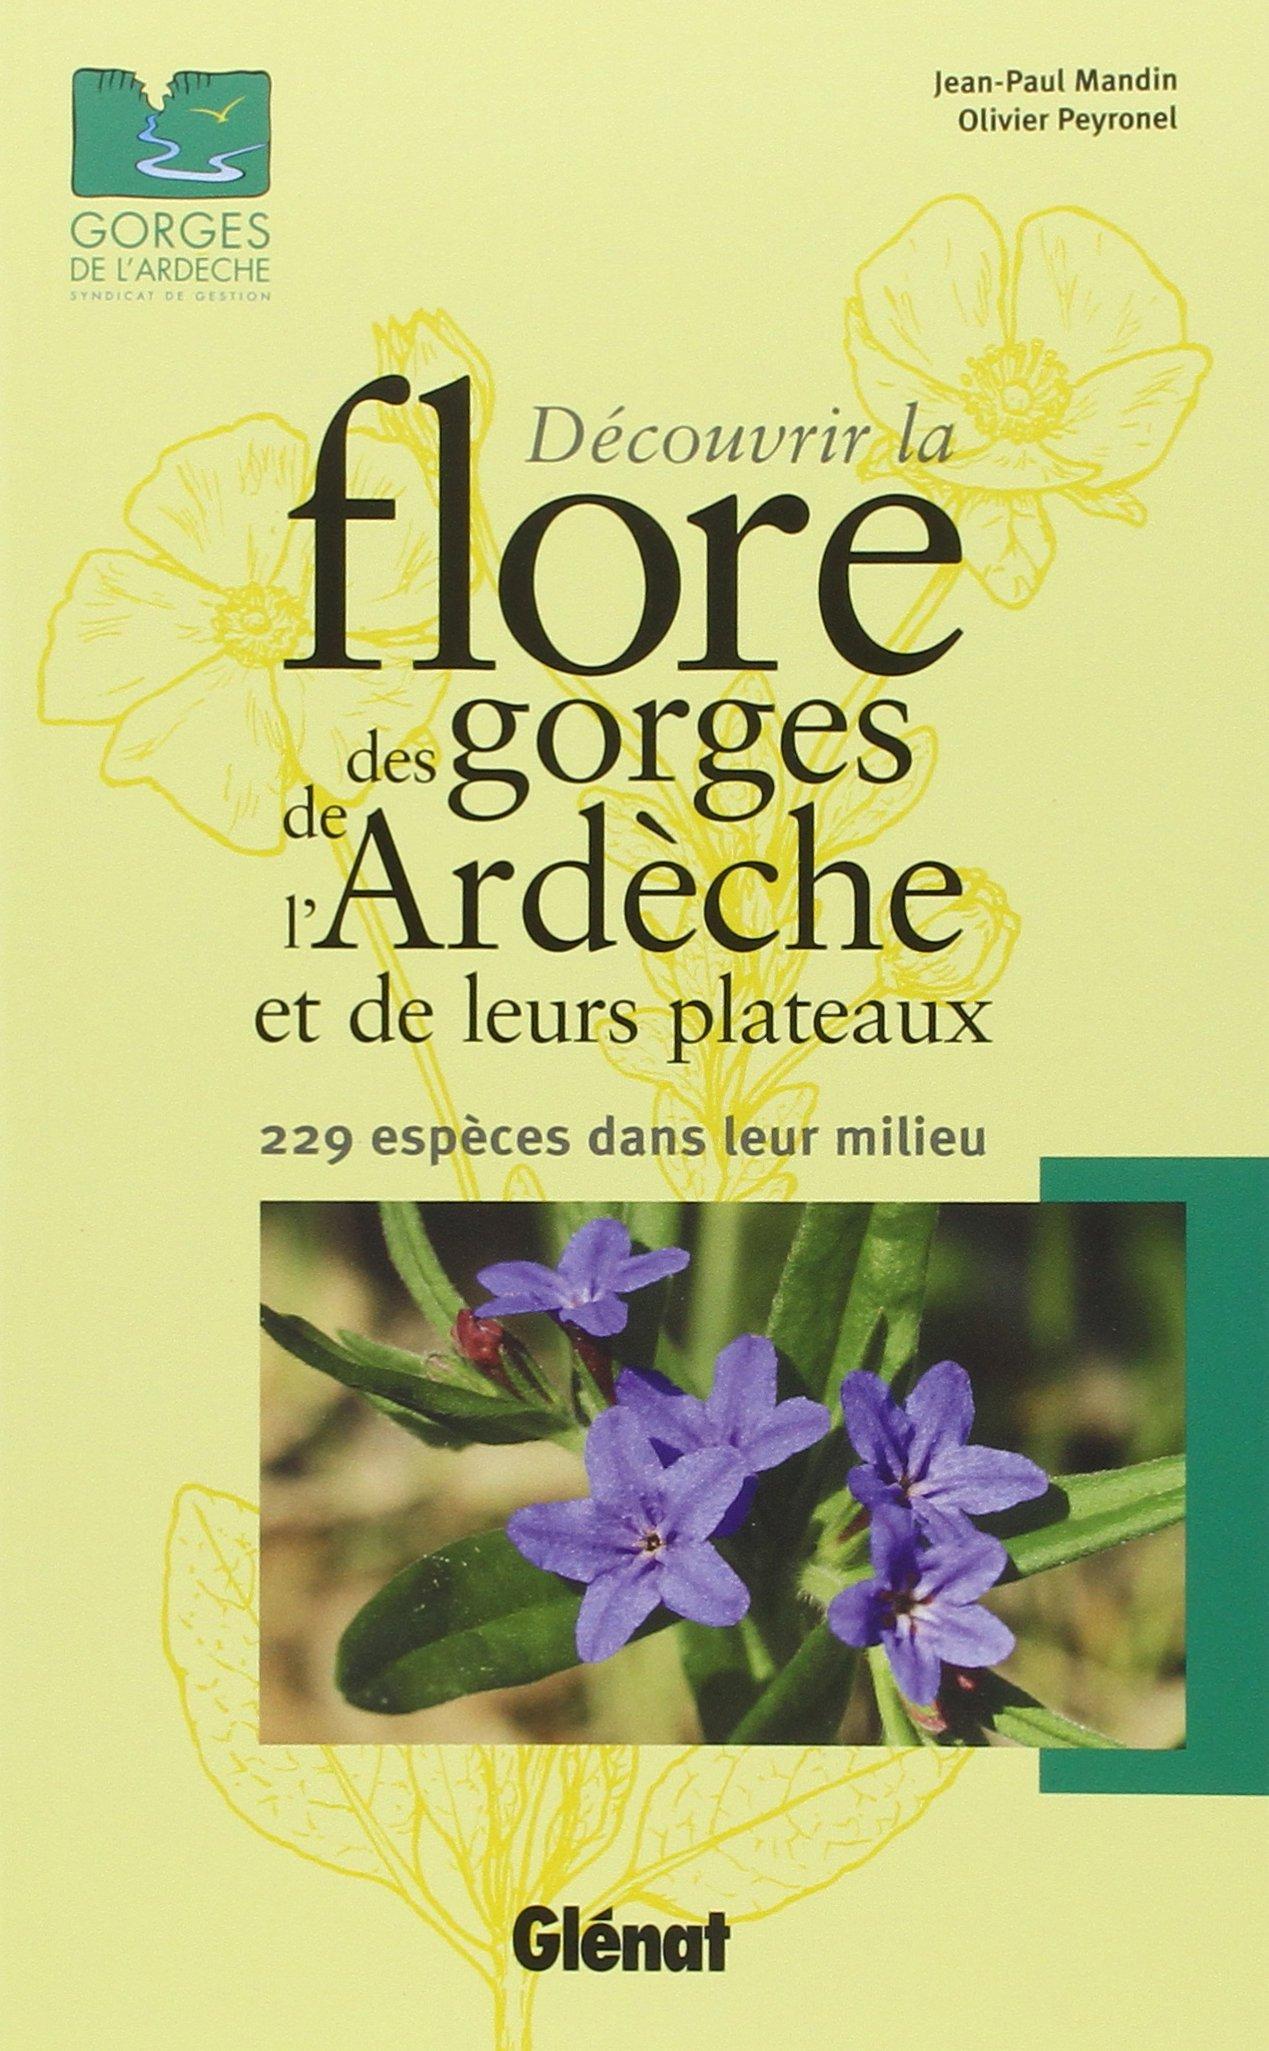 Découvrir la flore des gorges de l'Ardèche et de leurs plateaux : 229 espèces dans leur milieu (J.-P. Mandin, O. Peyronel, Glénat, 2014)